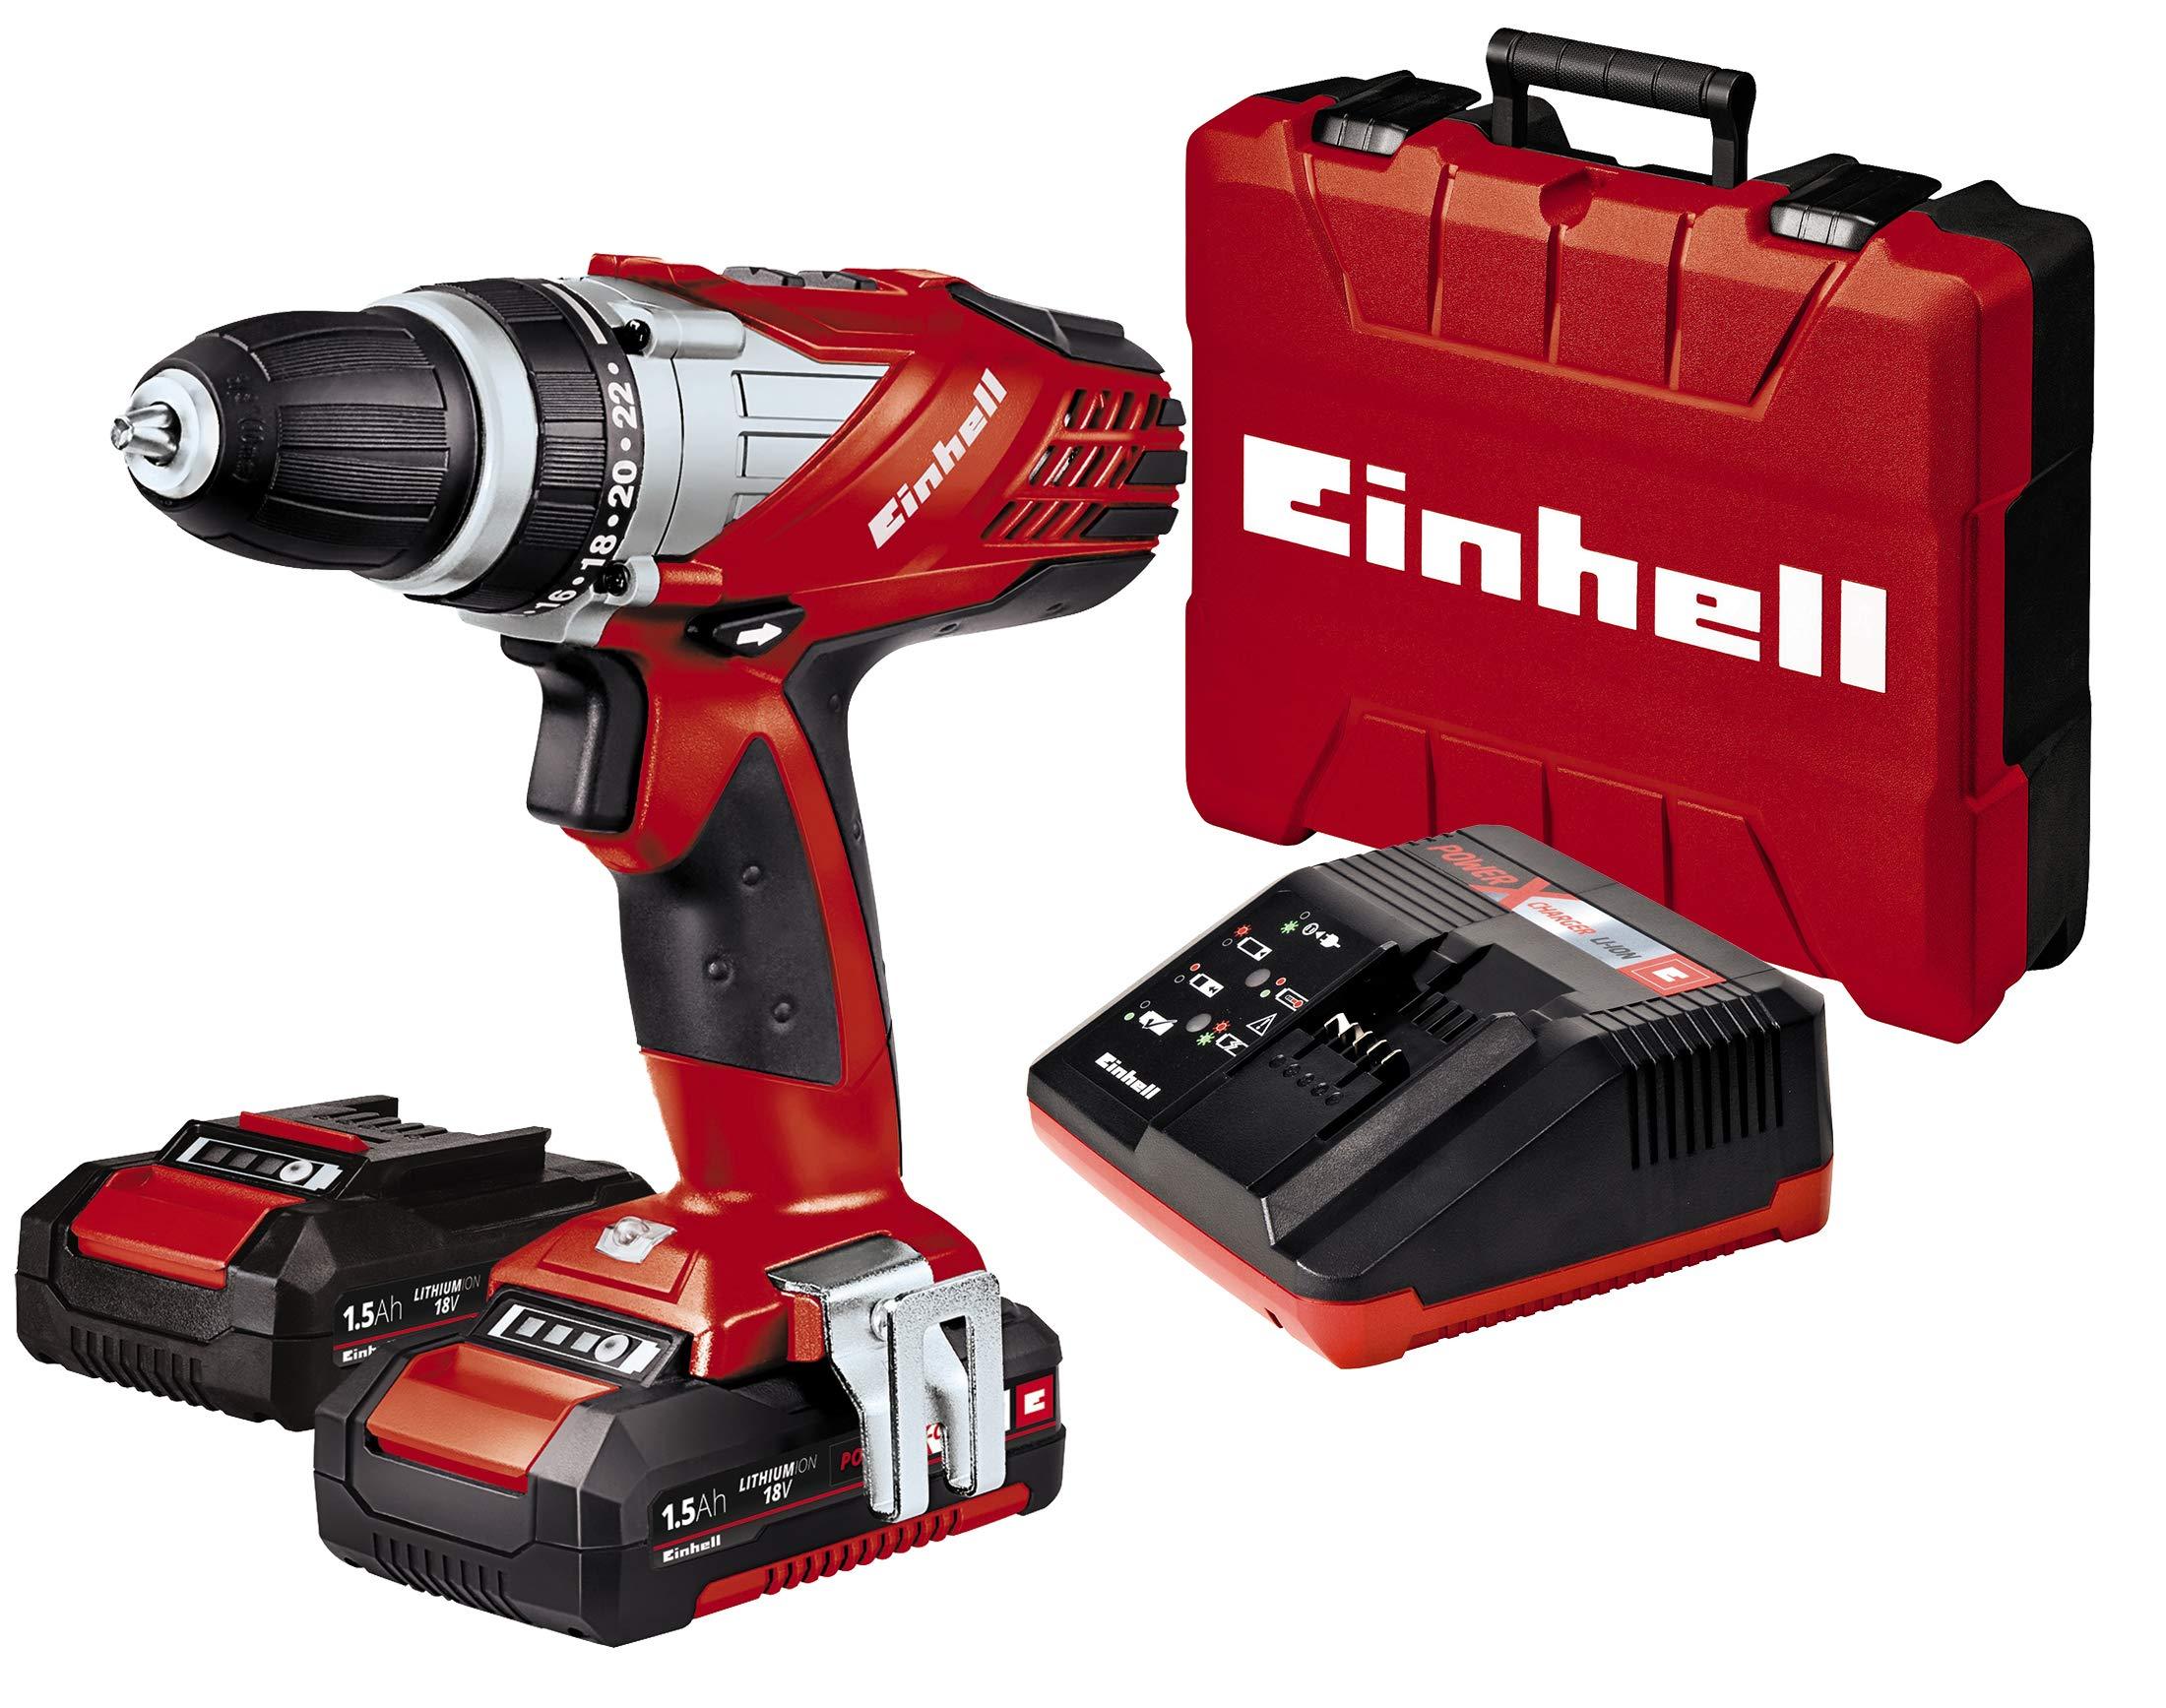 Einhell Expert TE-CD 18 Li - Taladro sin cable (incluye maletín Bmc, 2 baterías de 1,5 Ah, familia Power X-Change, luz LED): Amazon.es: Bricolaje y herramientas